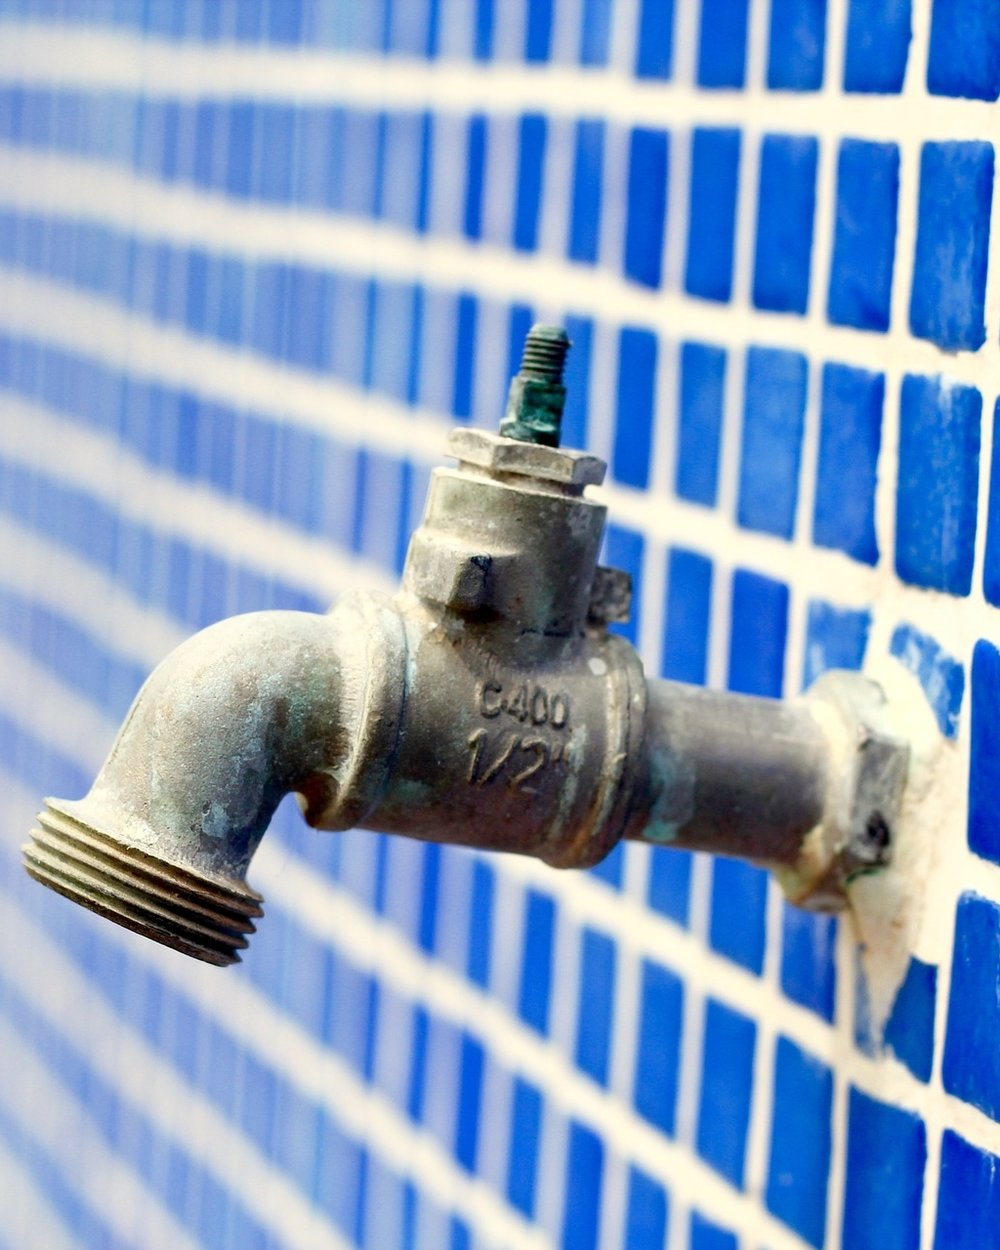 faucet-1411979_1920.jpg